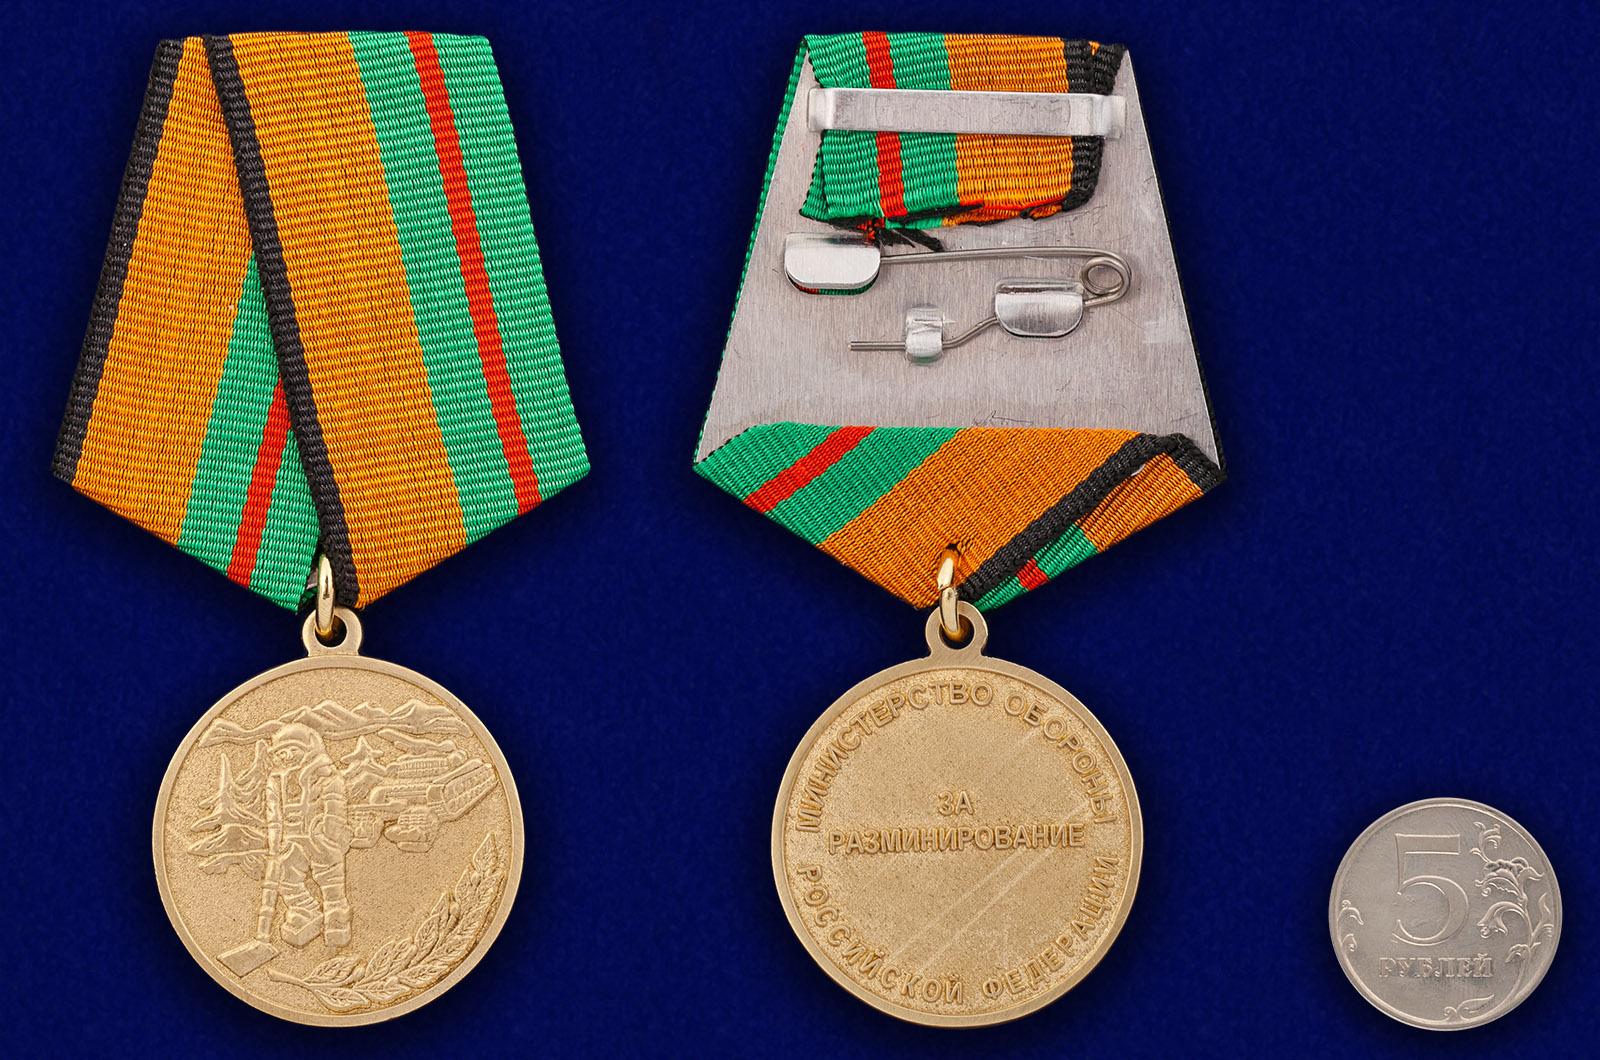 Медаль За разминирование МО РФ - сравнительный вид